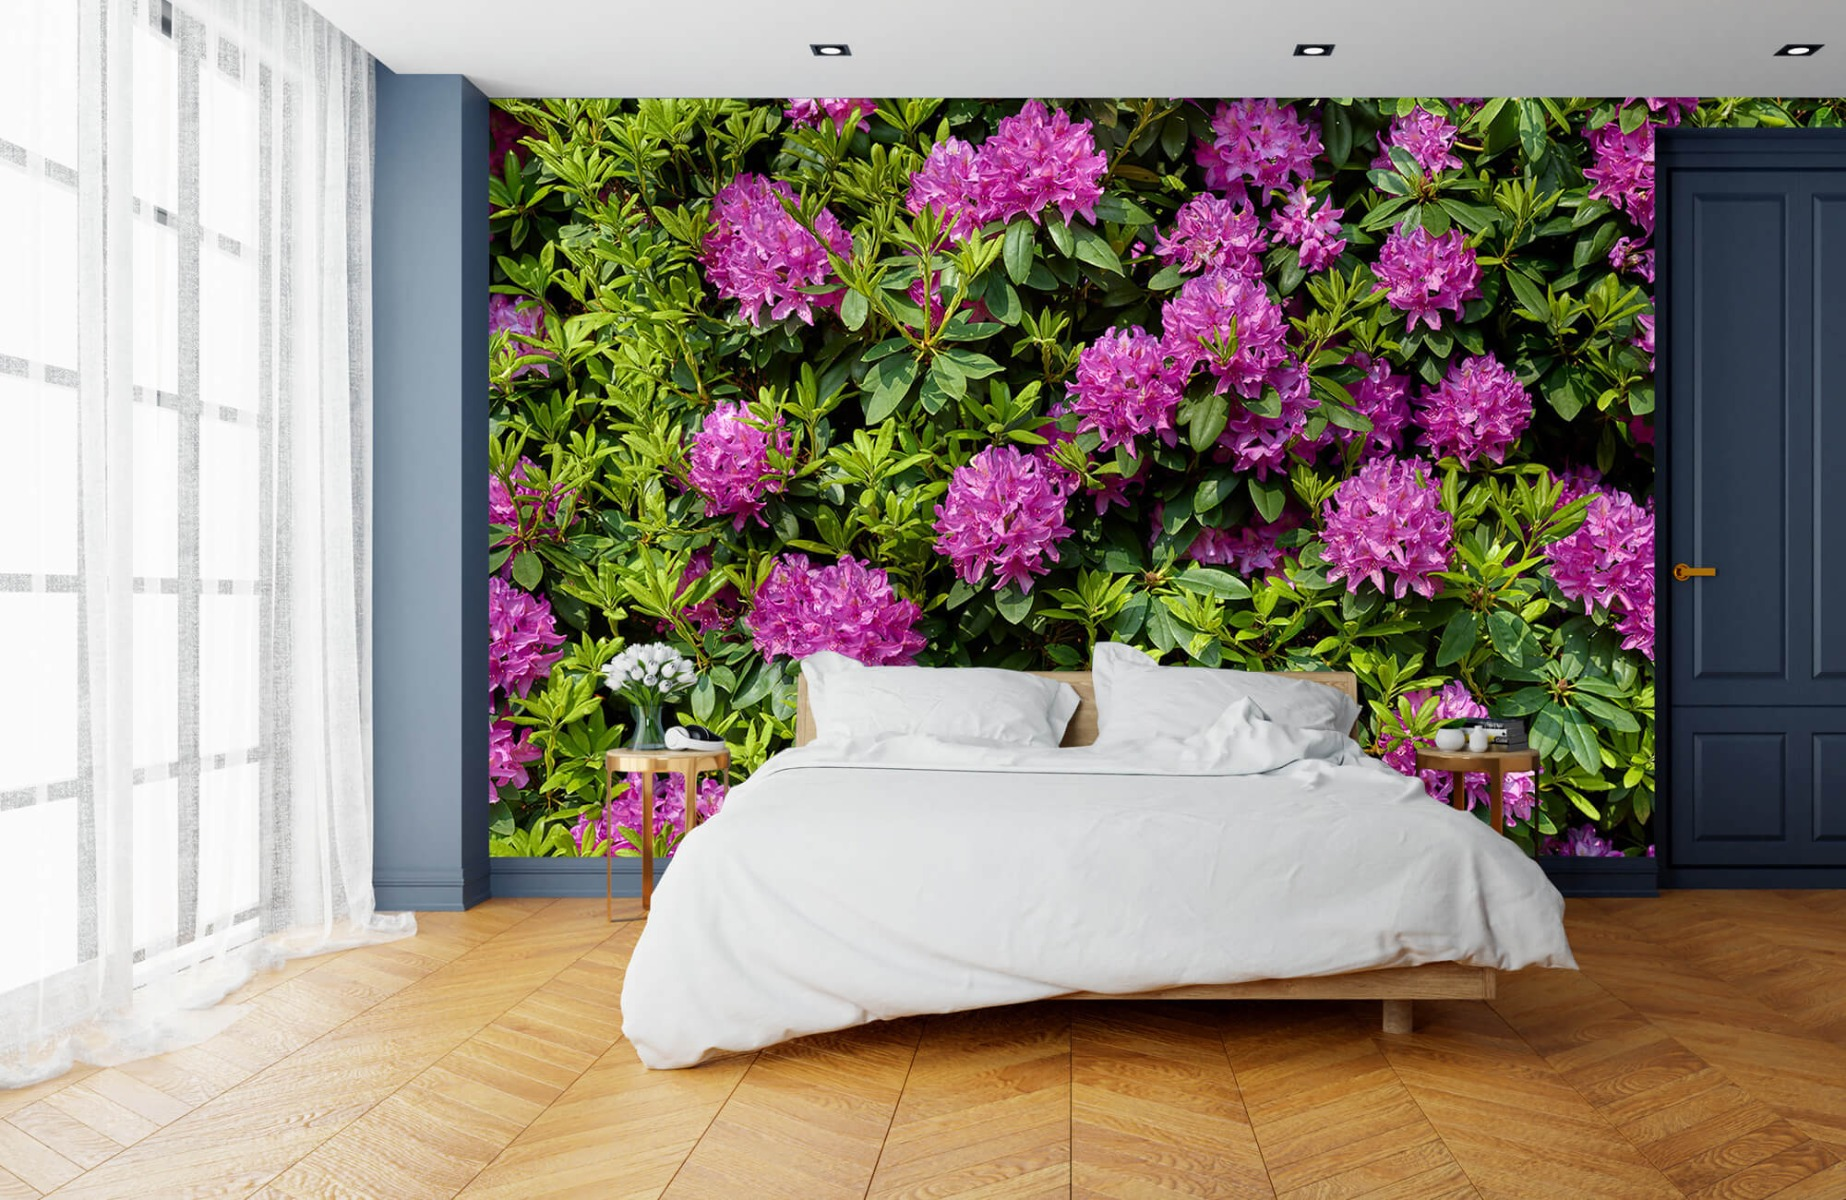 Bloemenvelden - Rododendrons - Wallexclusive - Slaapkamer 5